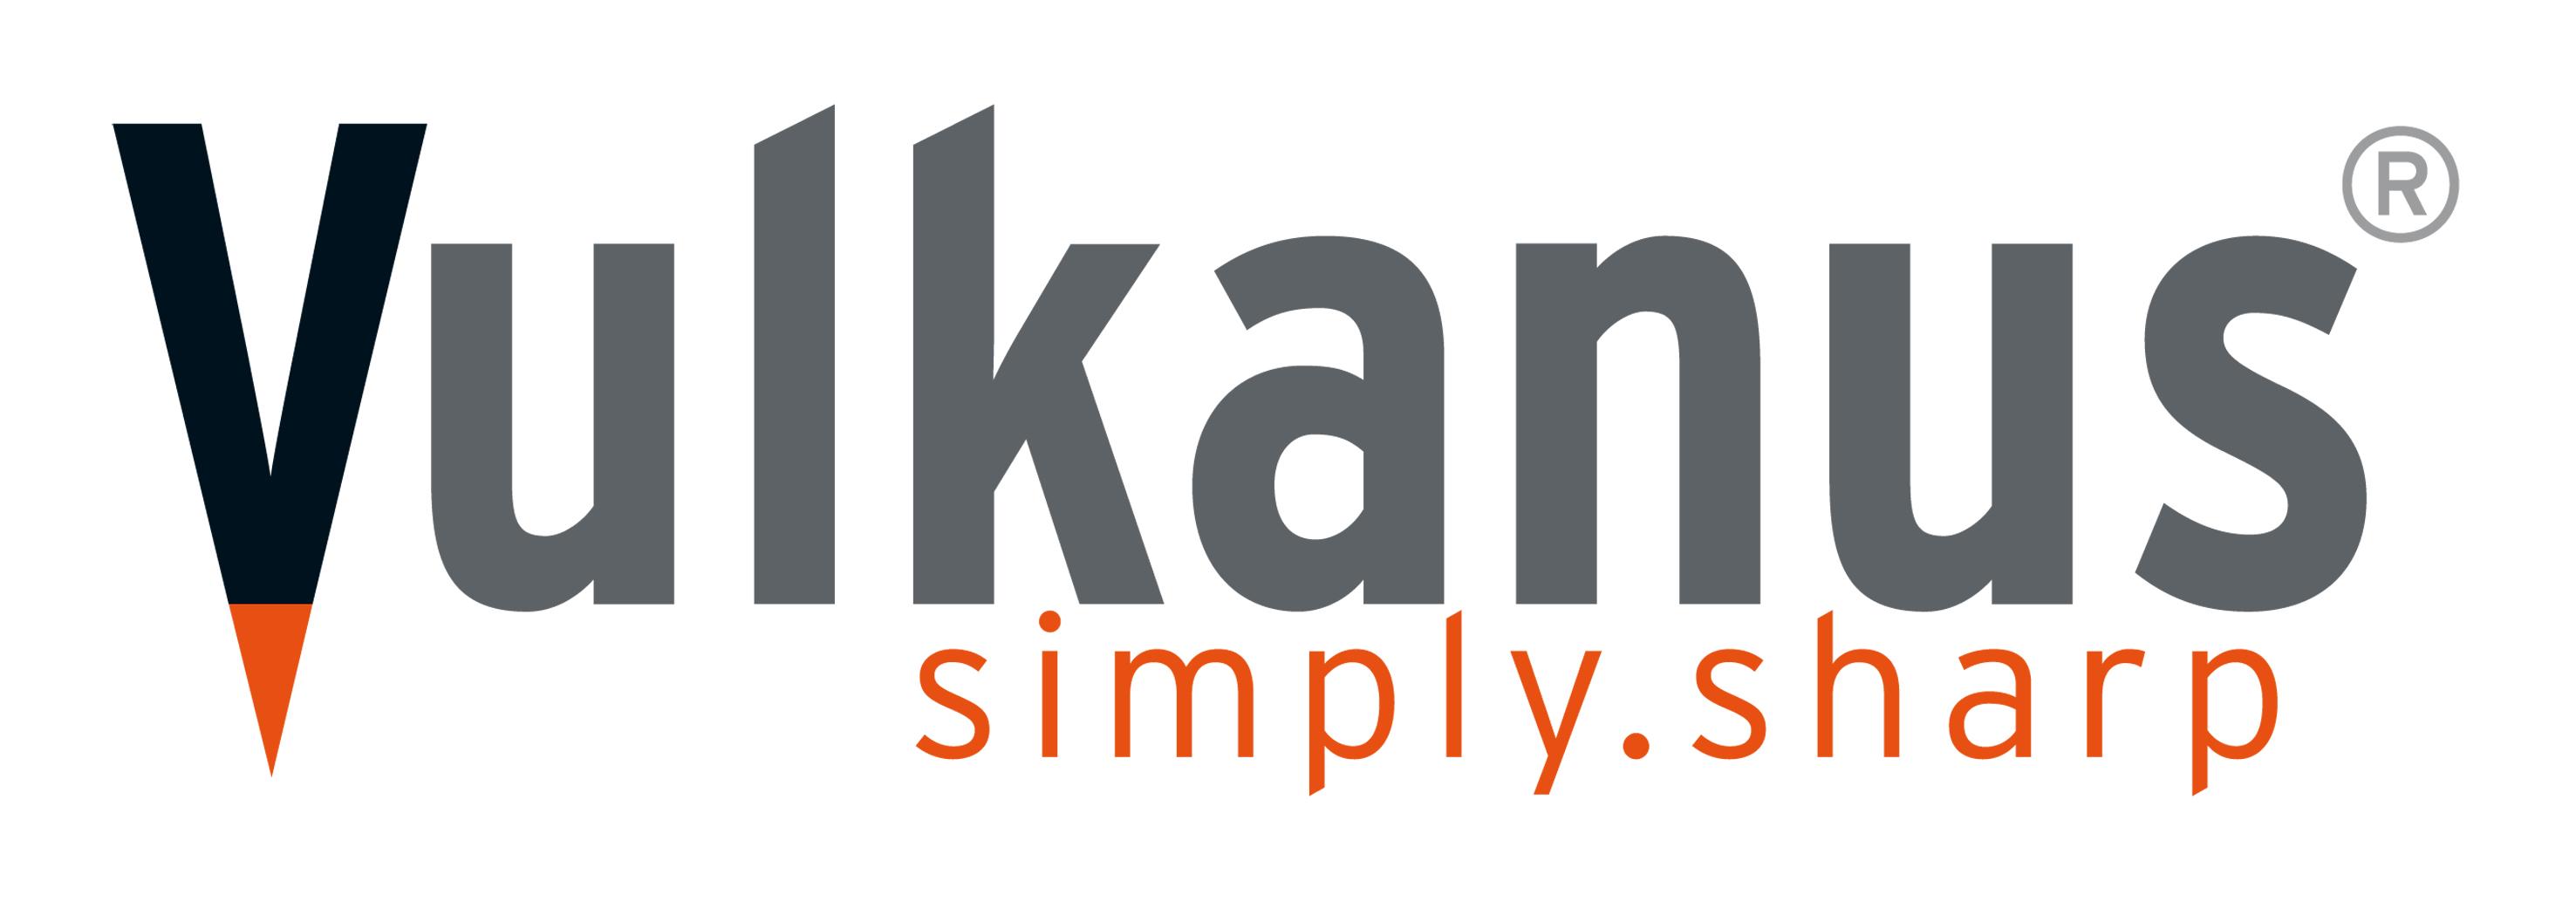 vulkanus-logo